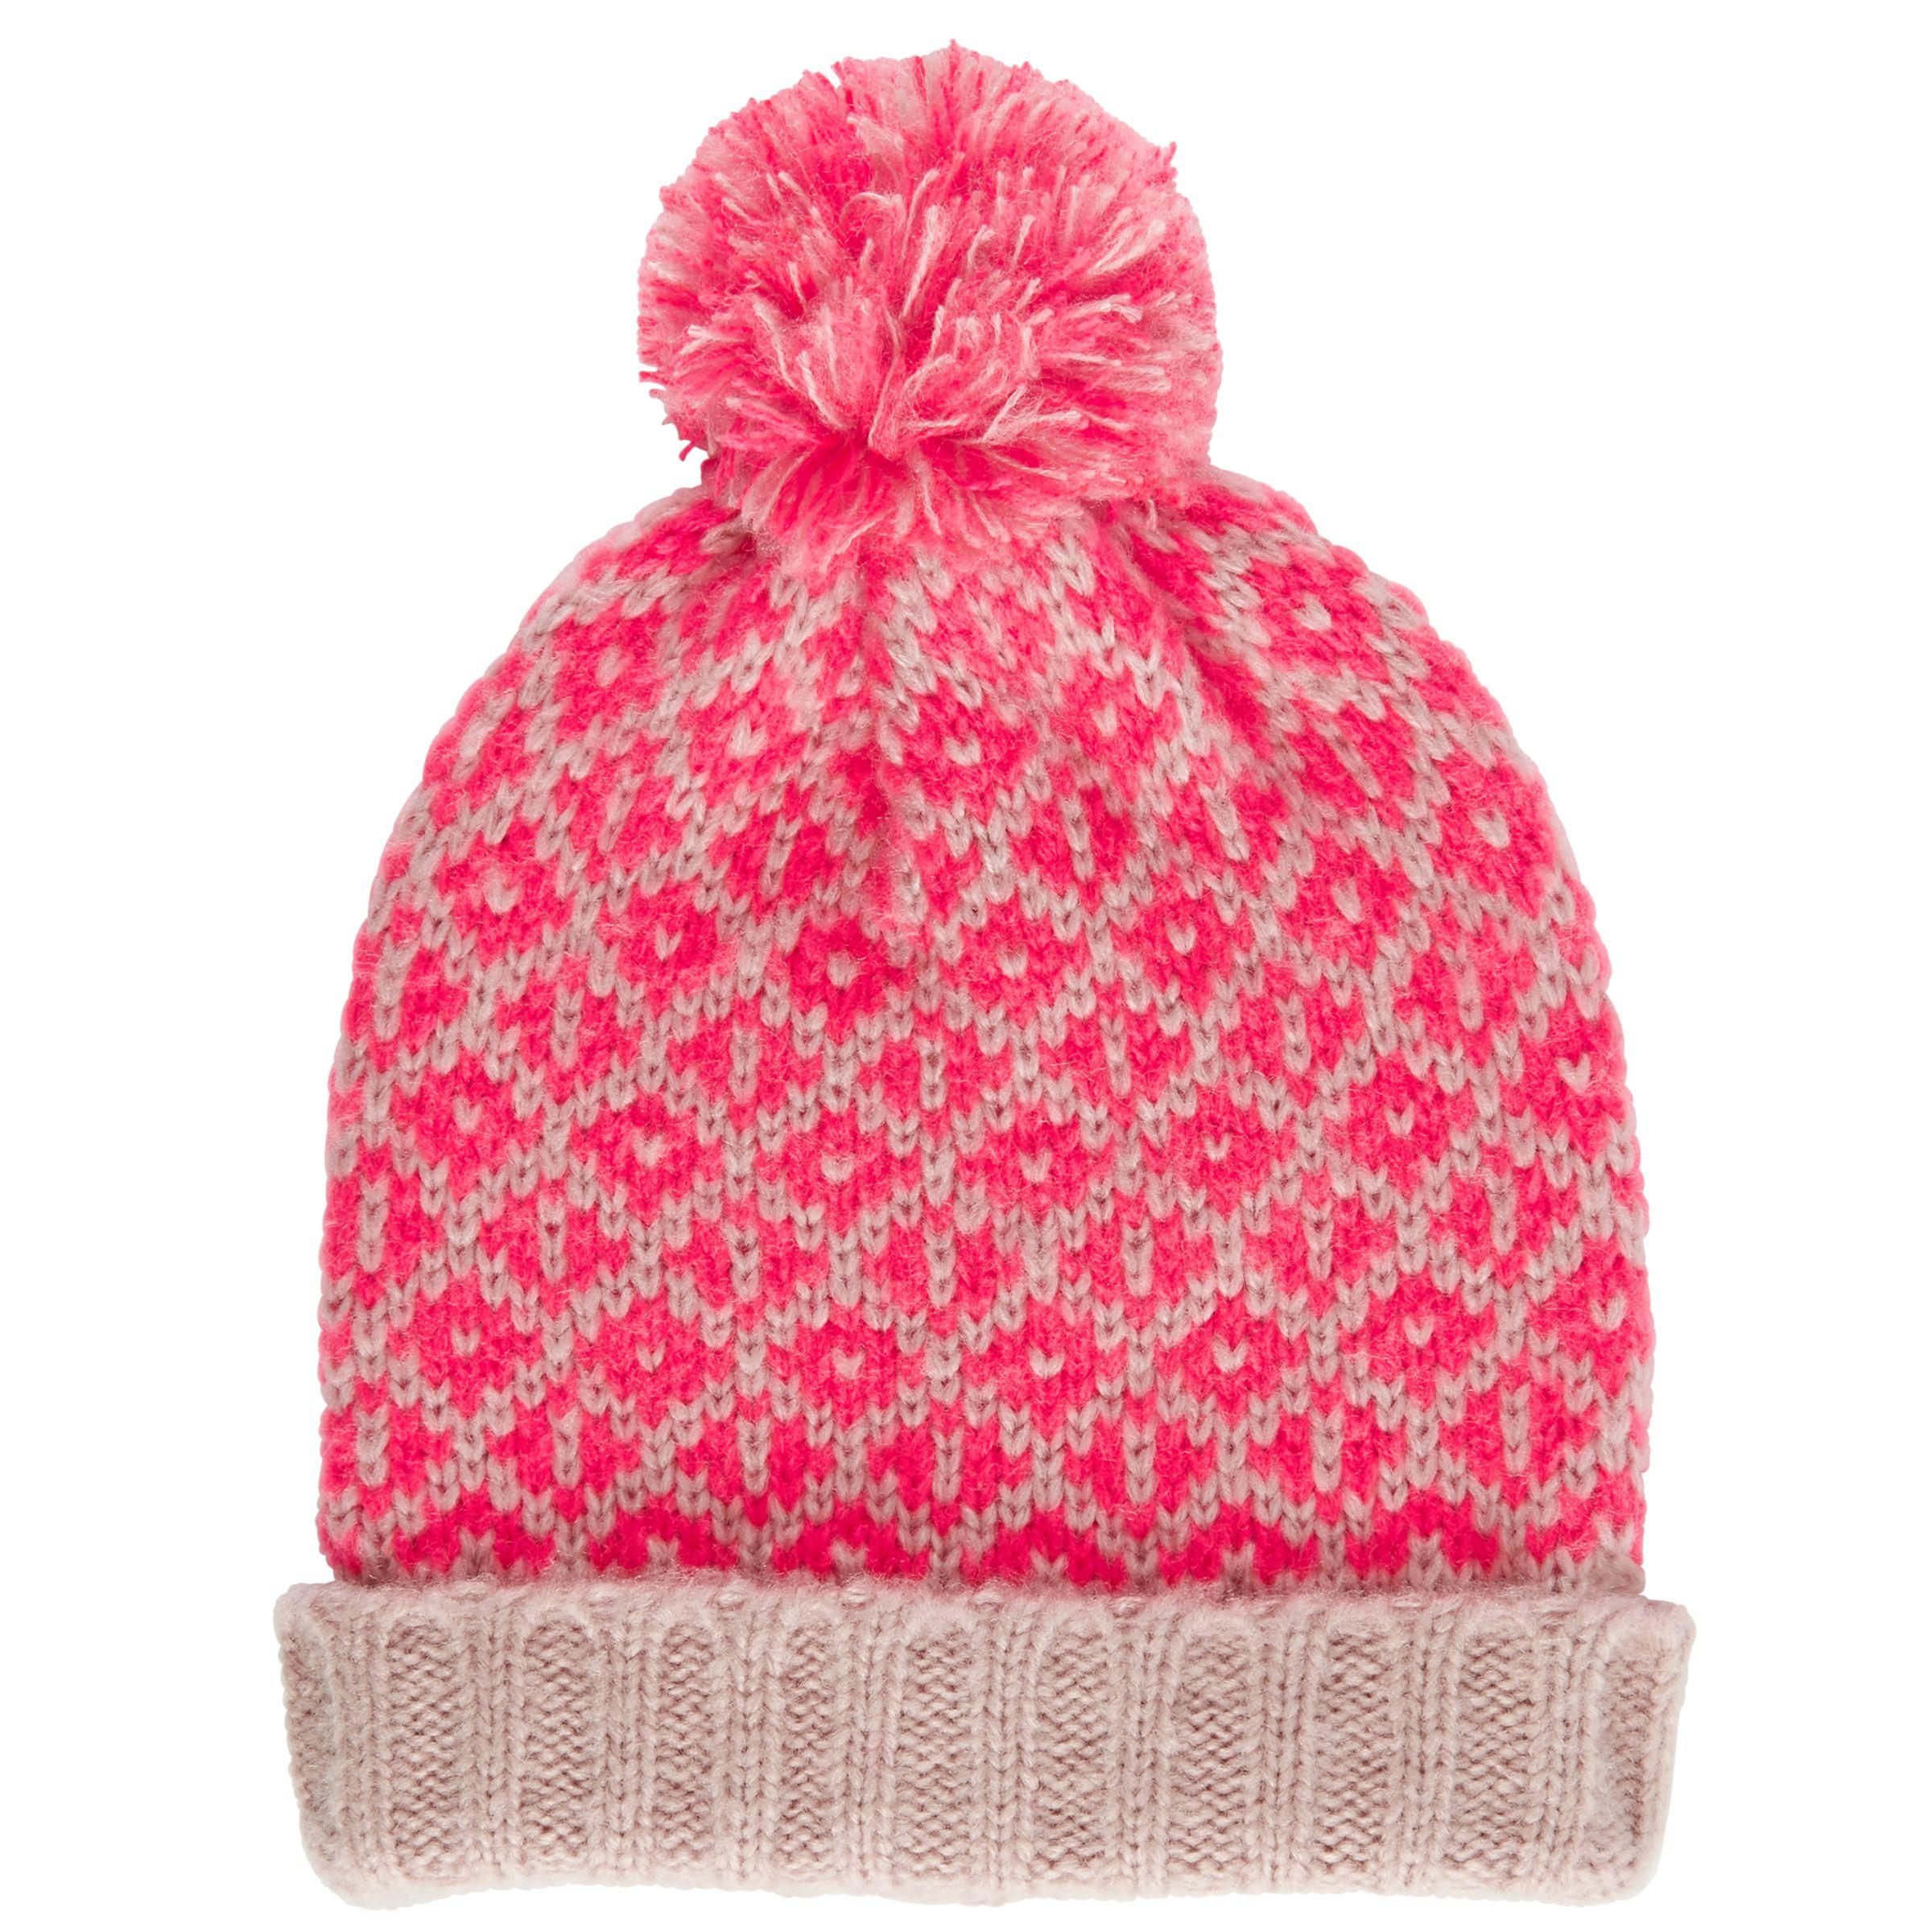 John Lewis Snowman Knitting Pattern : Fun Gifts Gifts John Lewis